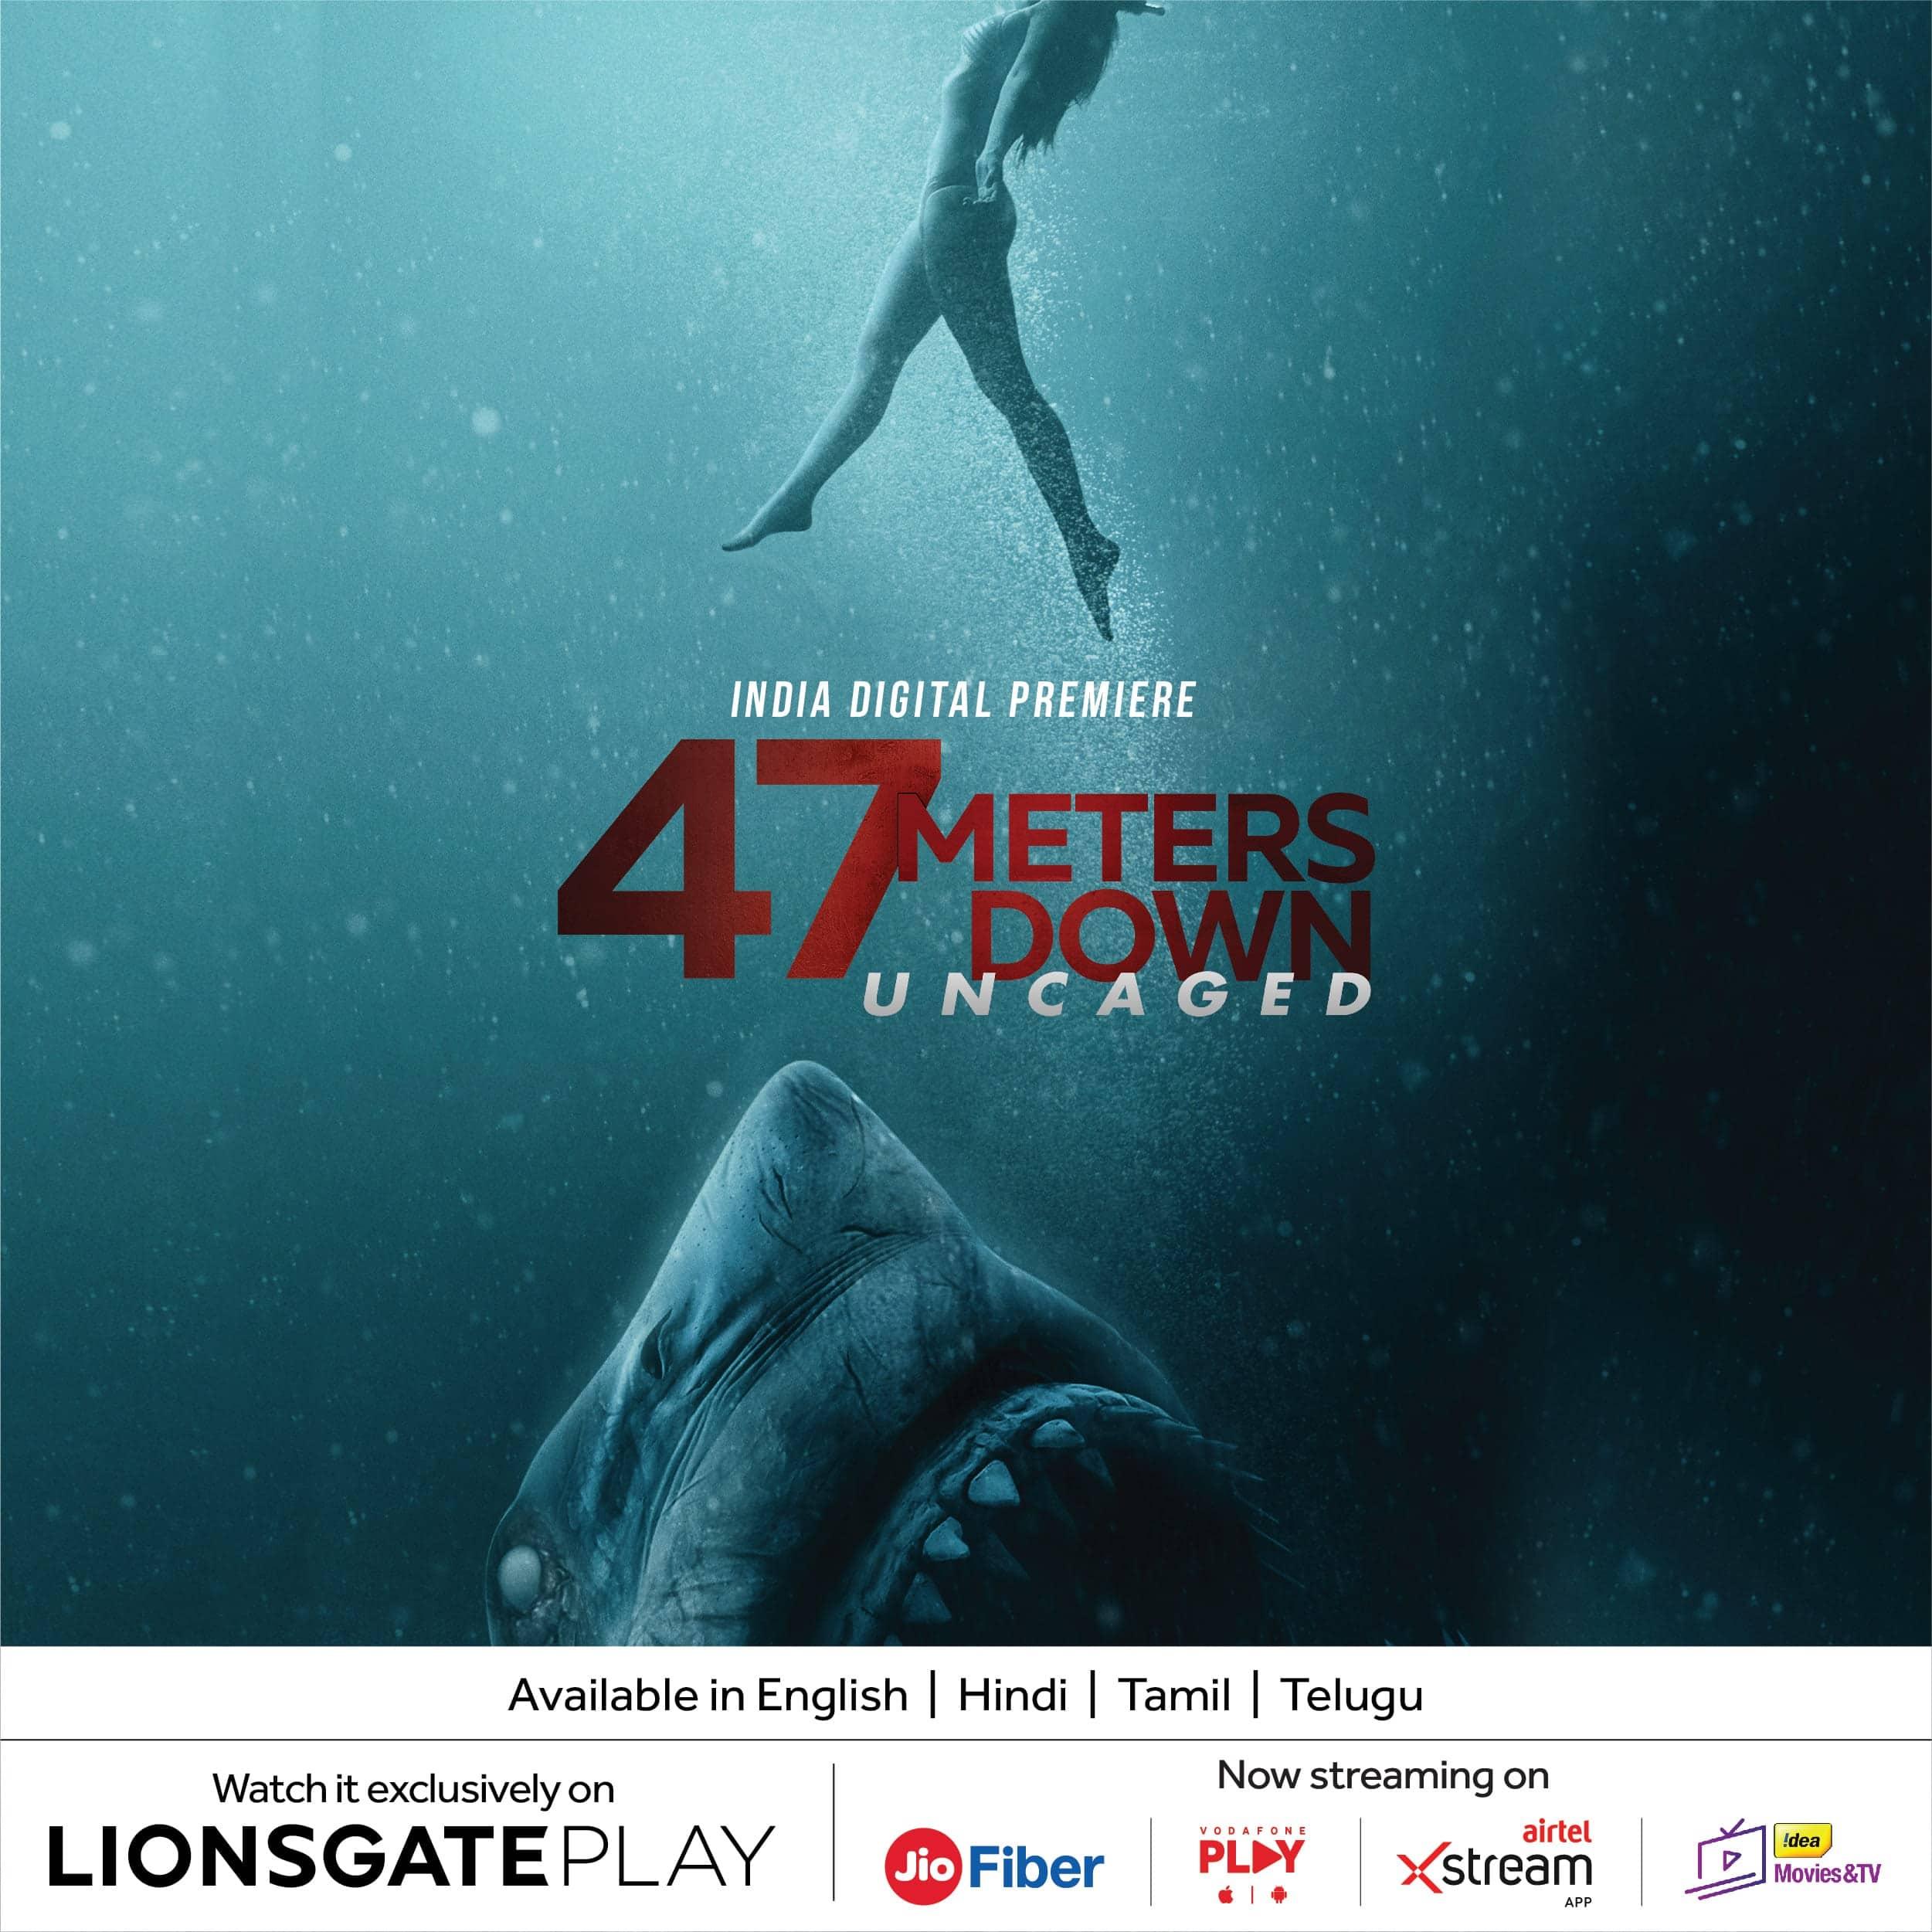 Image-47-Meters-Down-Uncaged-Lionsgate-Play-MediaBrief.jpg